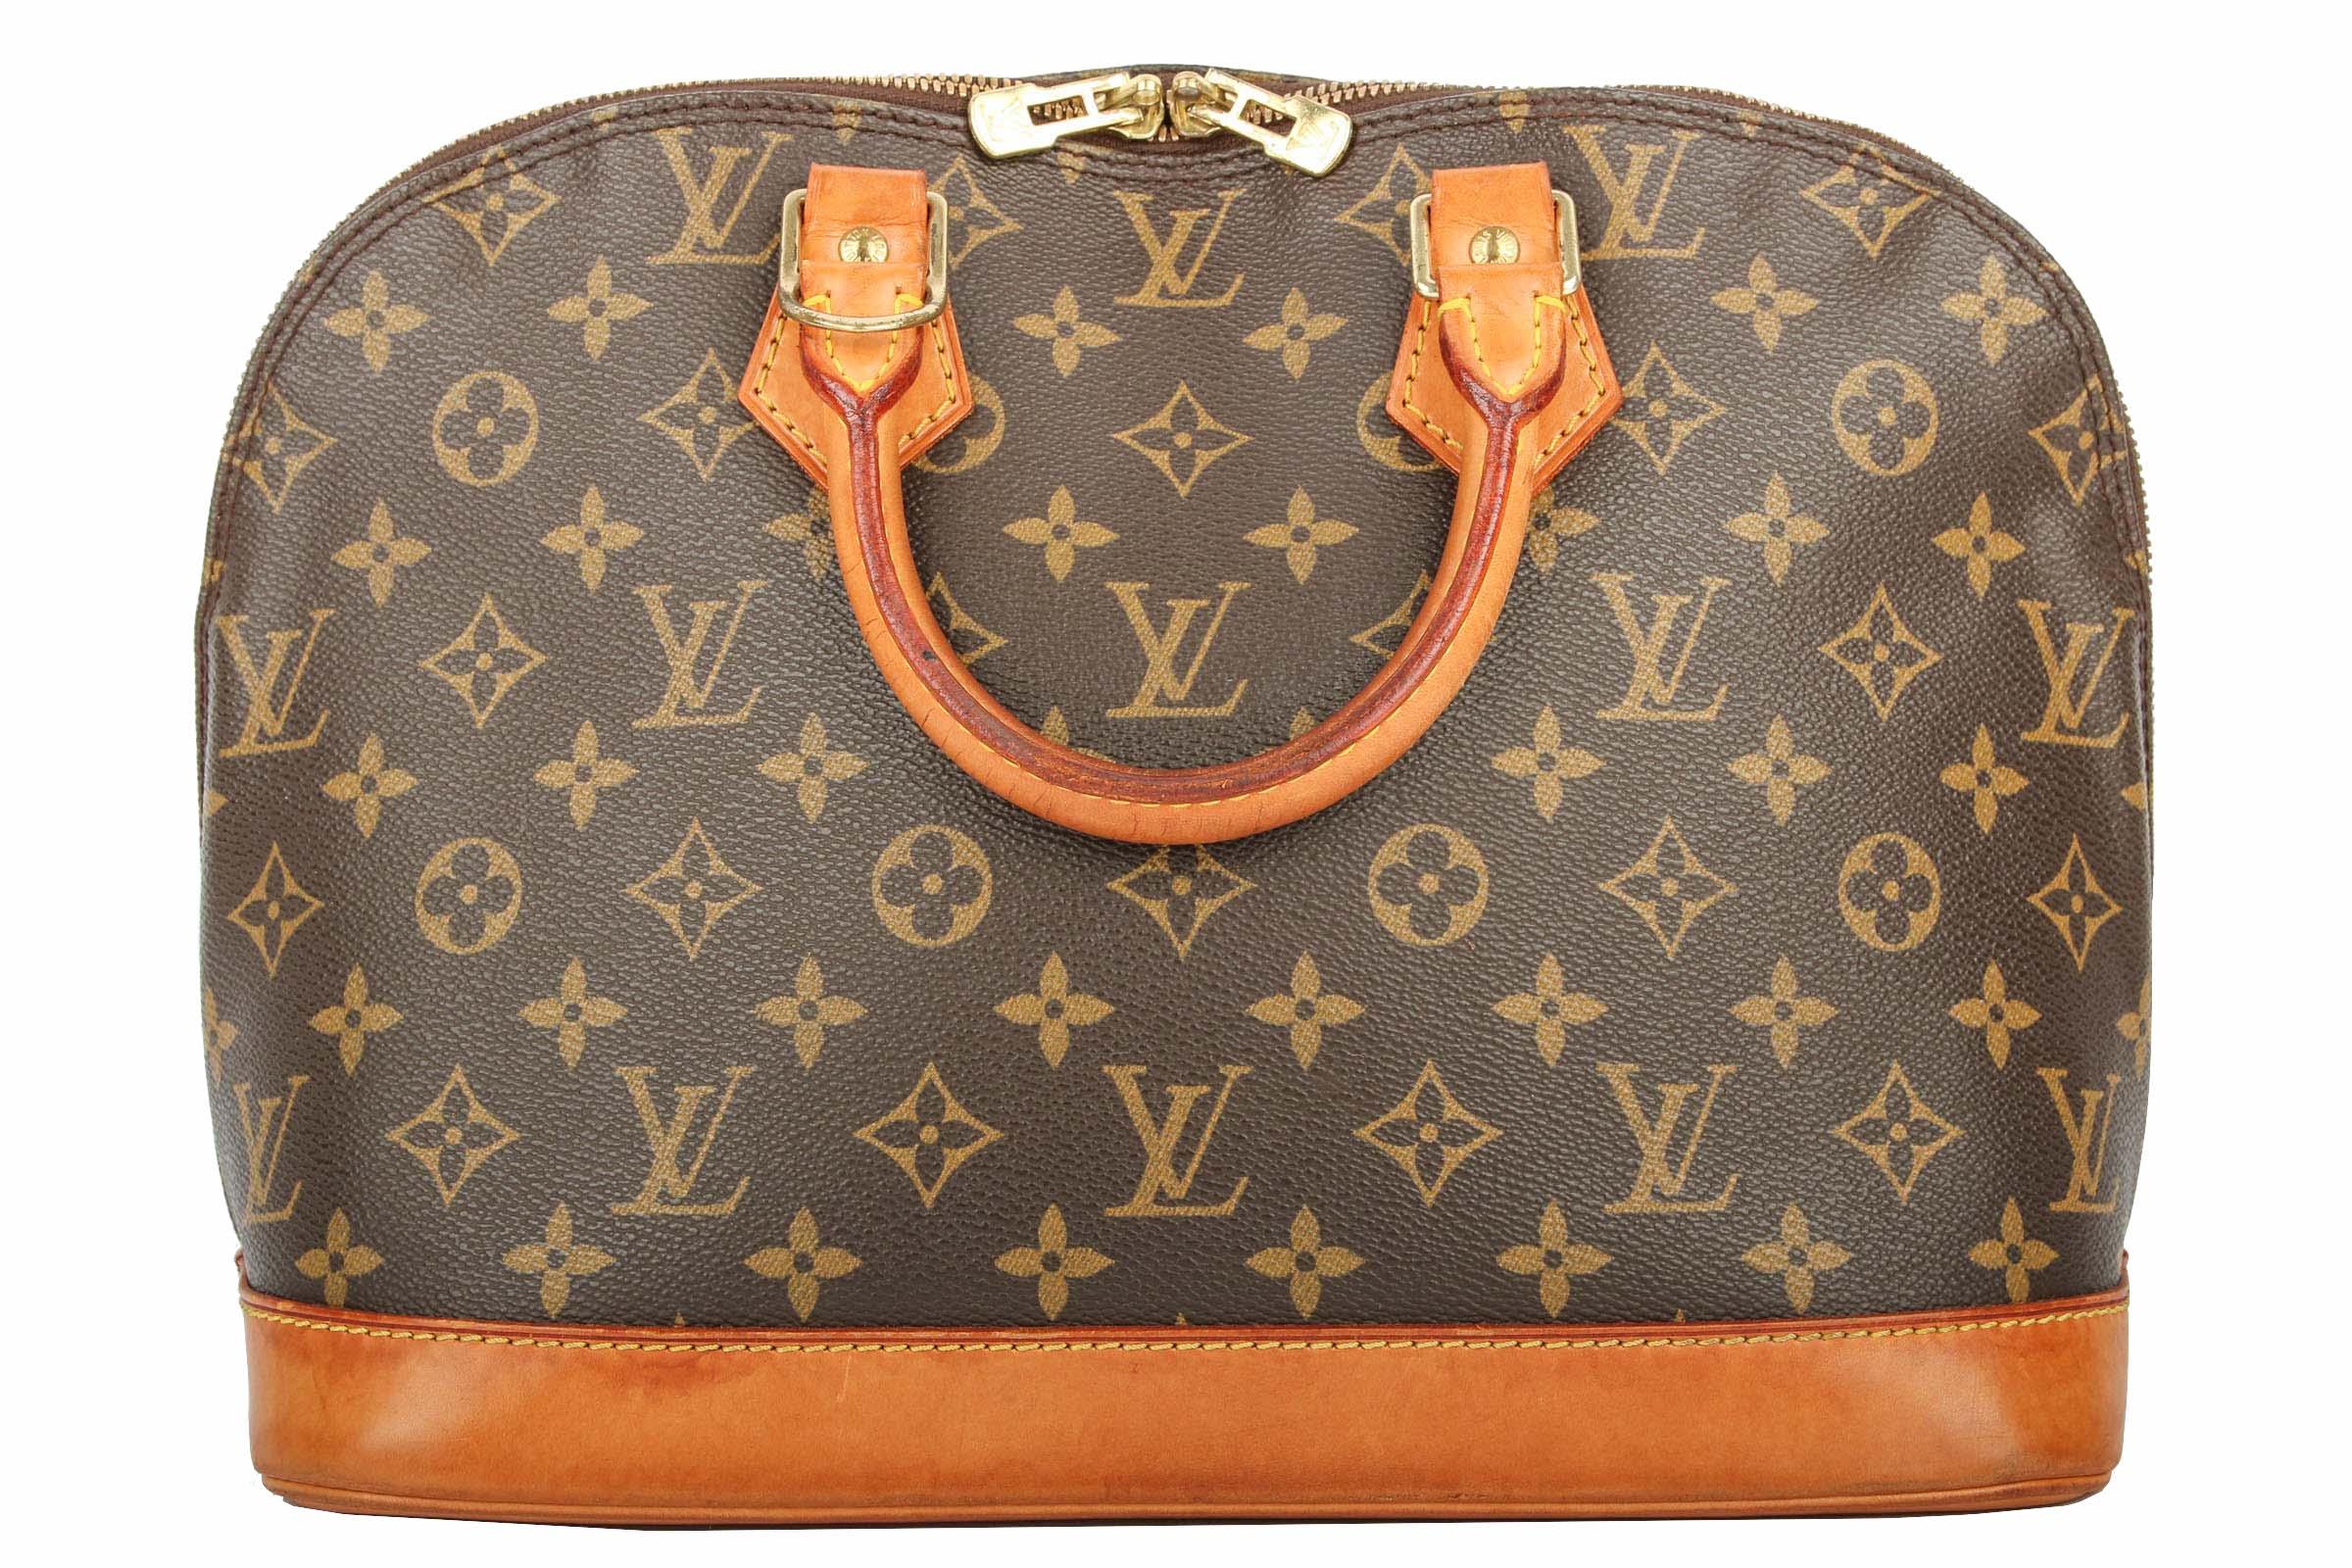 e696adb1118fb Louis Vuitton Handtaschen   Accessoires